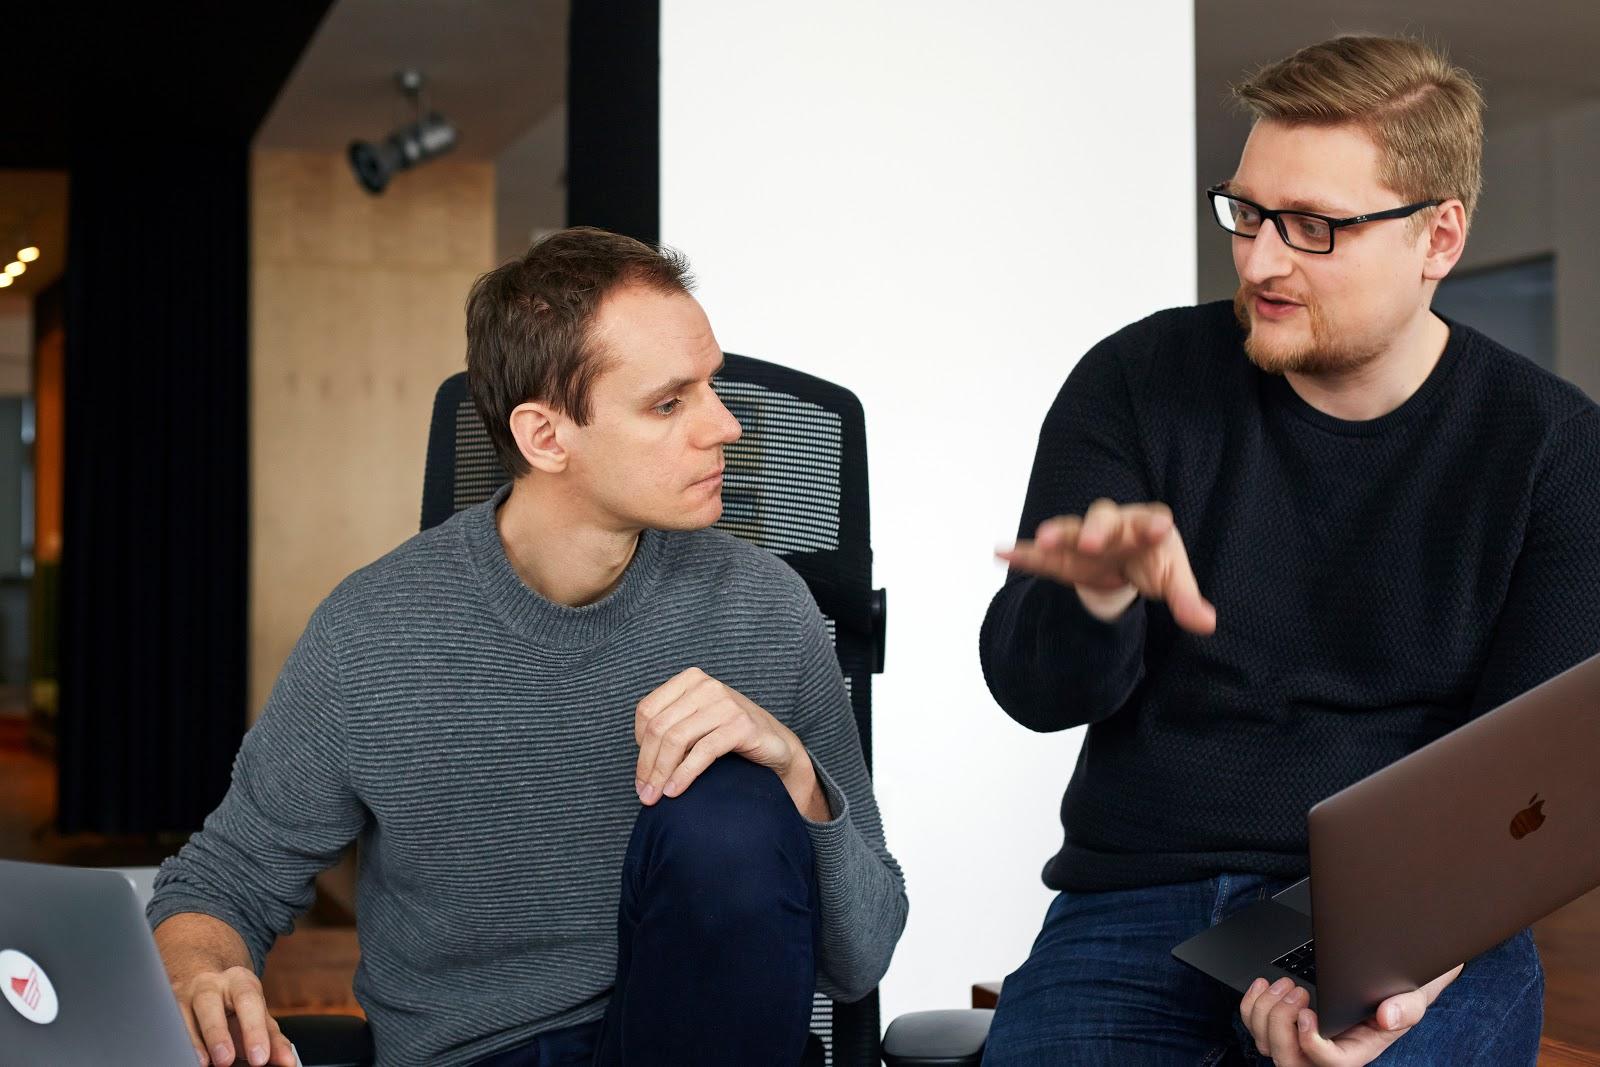 Szymon Boniecki and Bartosz Rega - Monterail co-CEOs